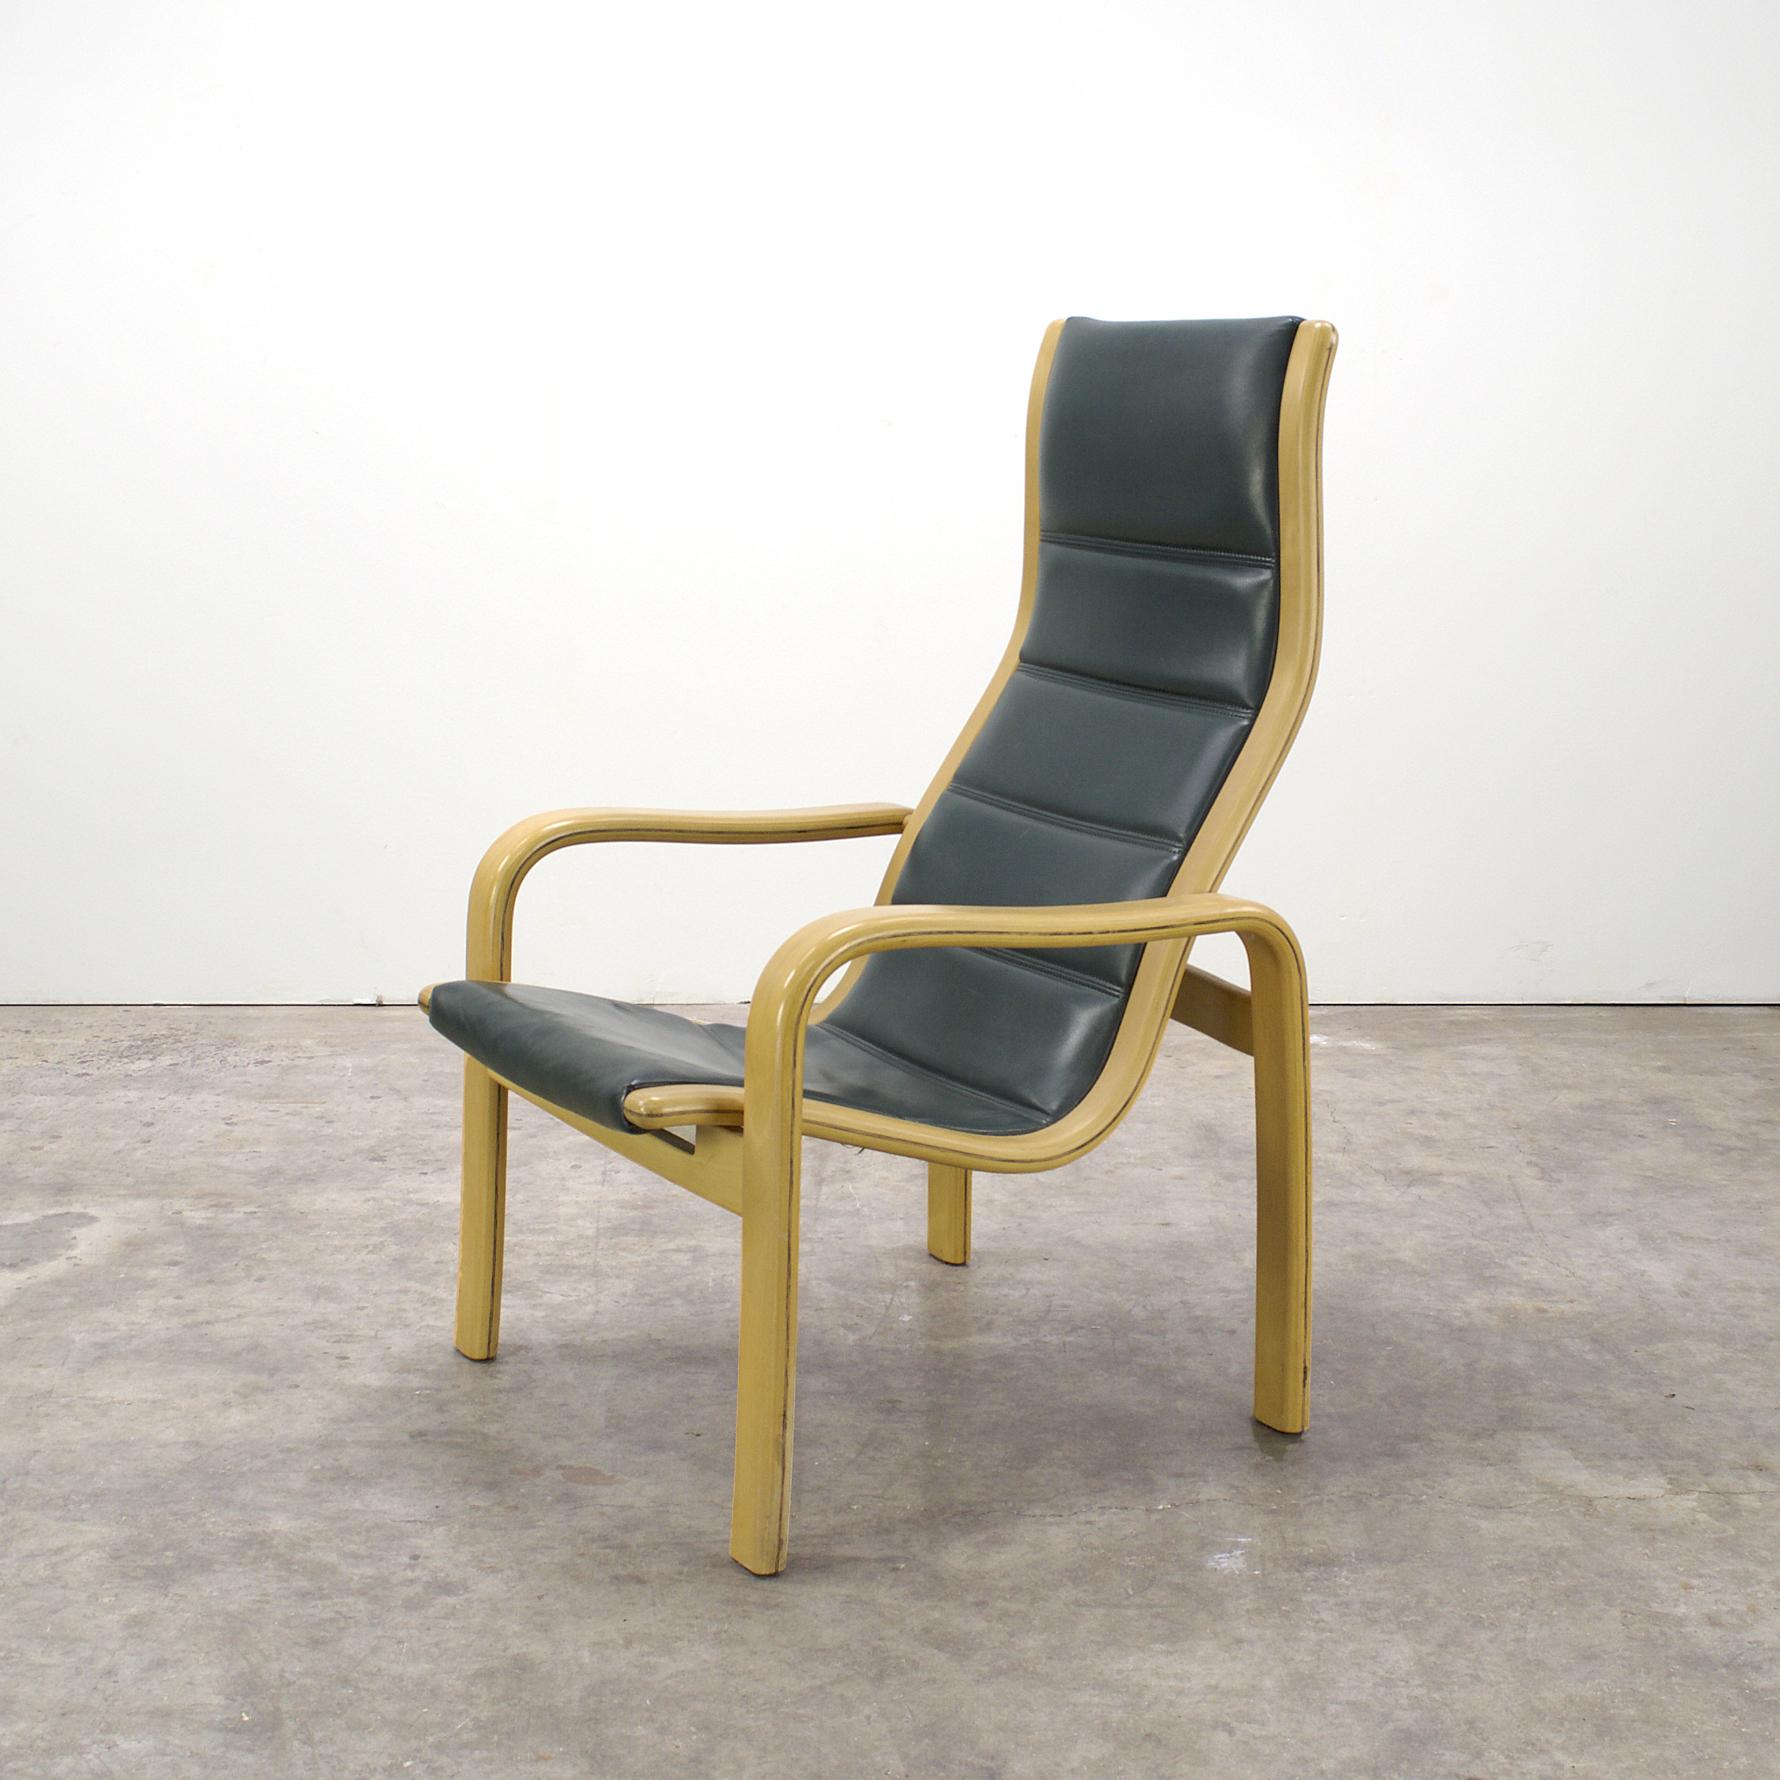 50 u2019s Yngve Eskström u2018Lamello u2019 fauteuils set 2 for Swedese Mobler AB BarbMama